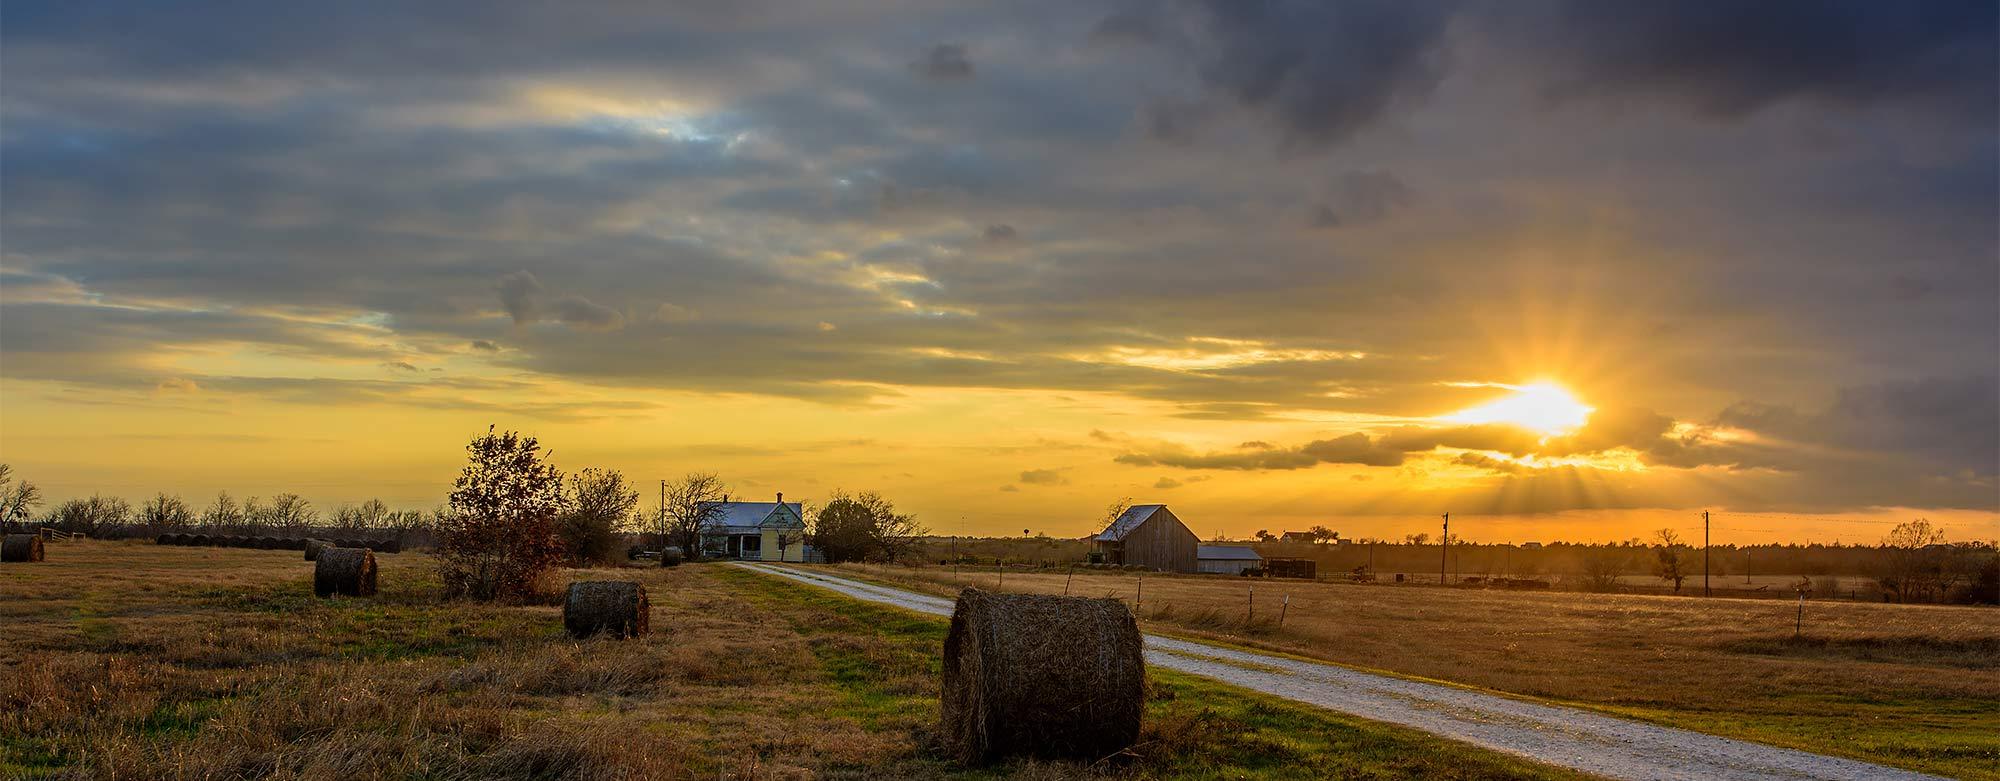 Austin-sunset_BRT7809